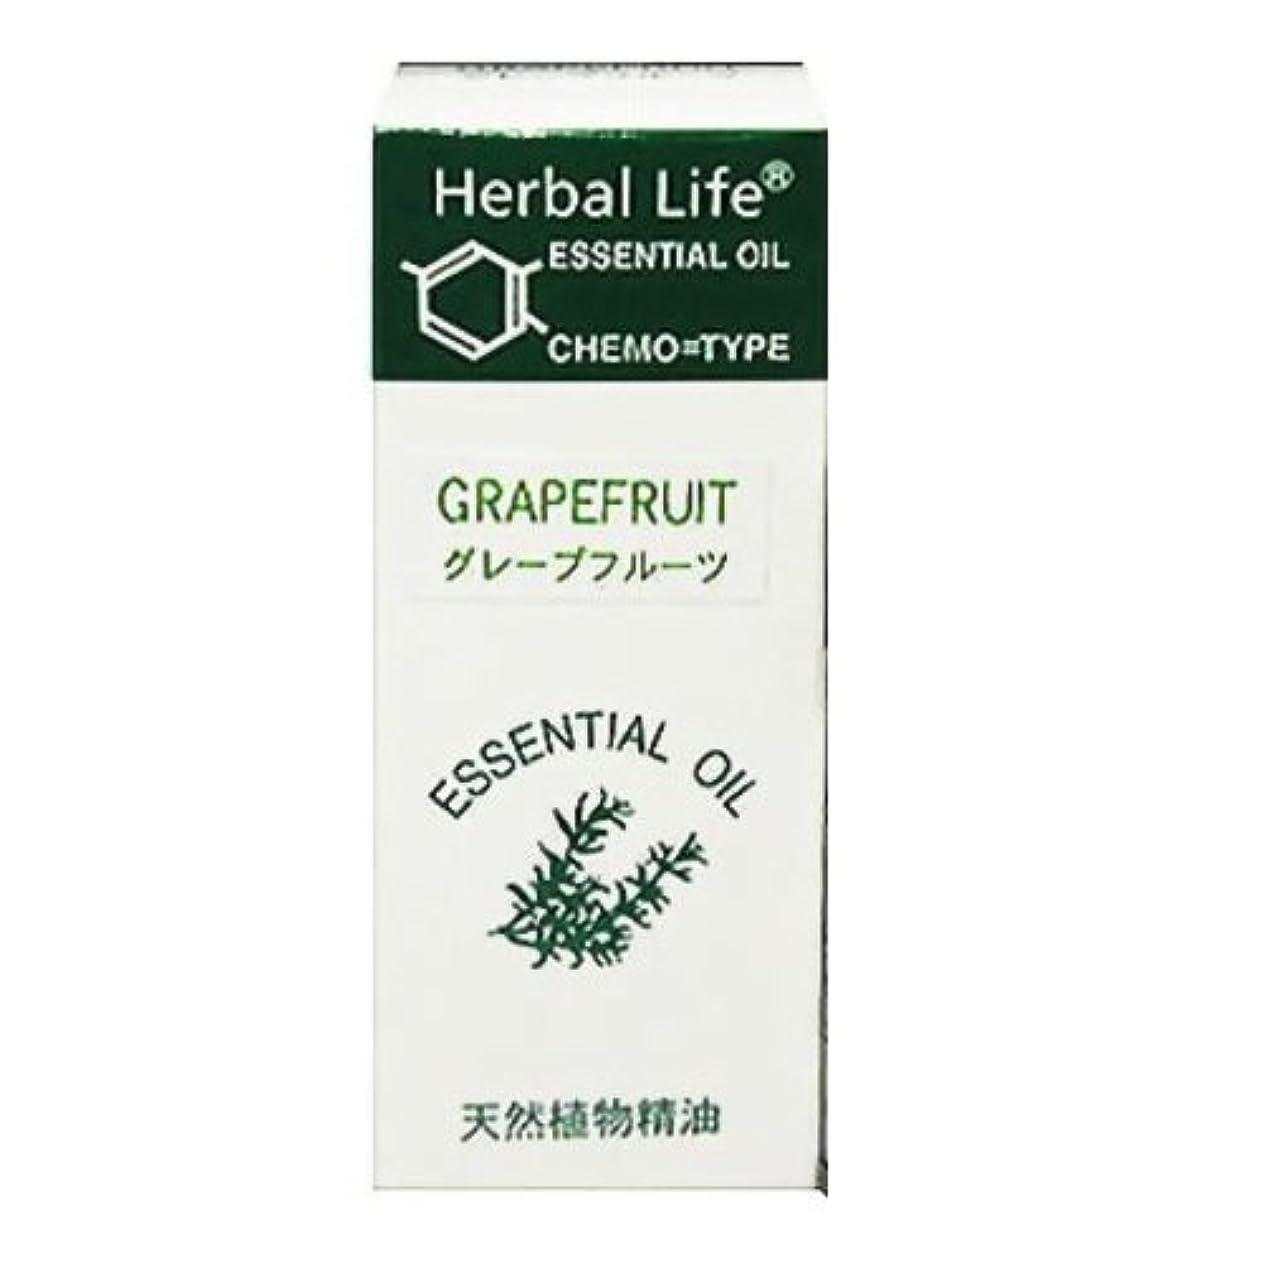 お勧め気性出口生活の木 エッセンシャルオイル グレープフルーツ 10ml